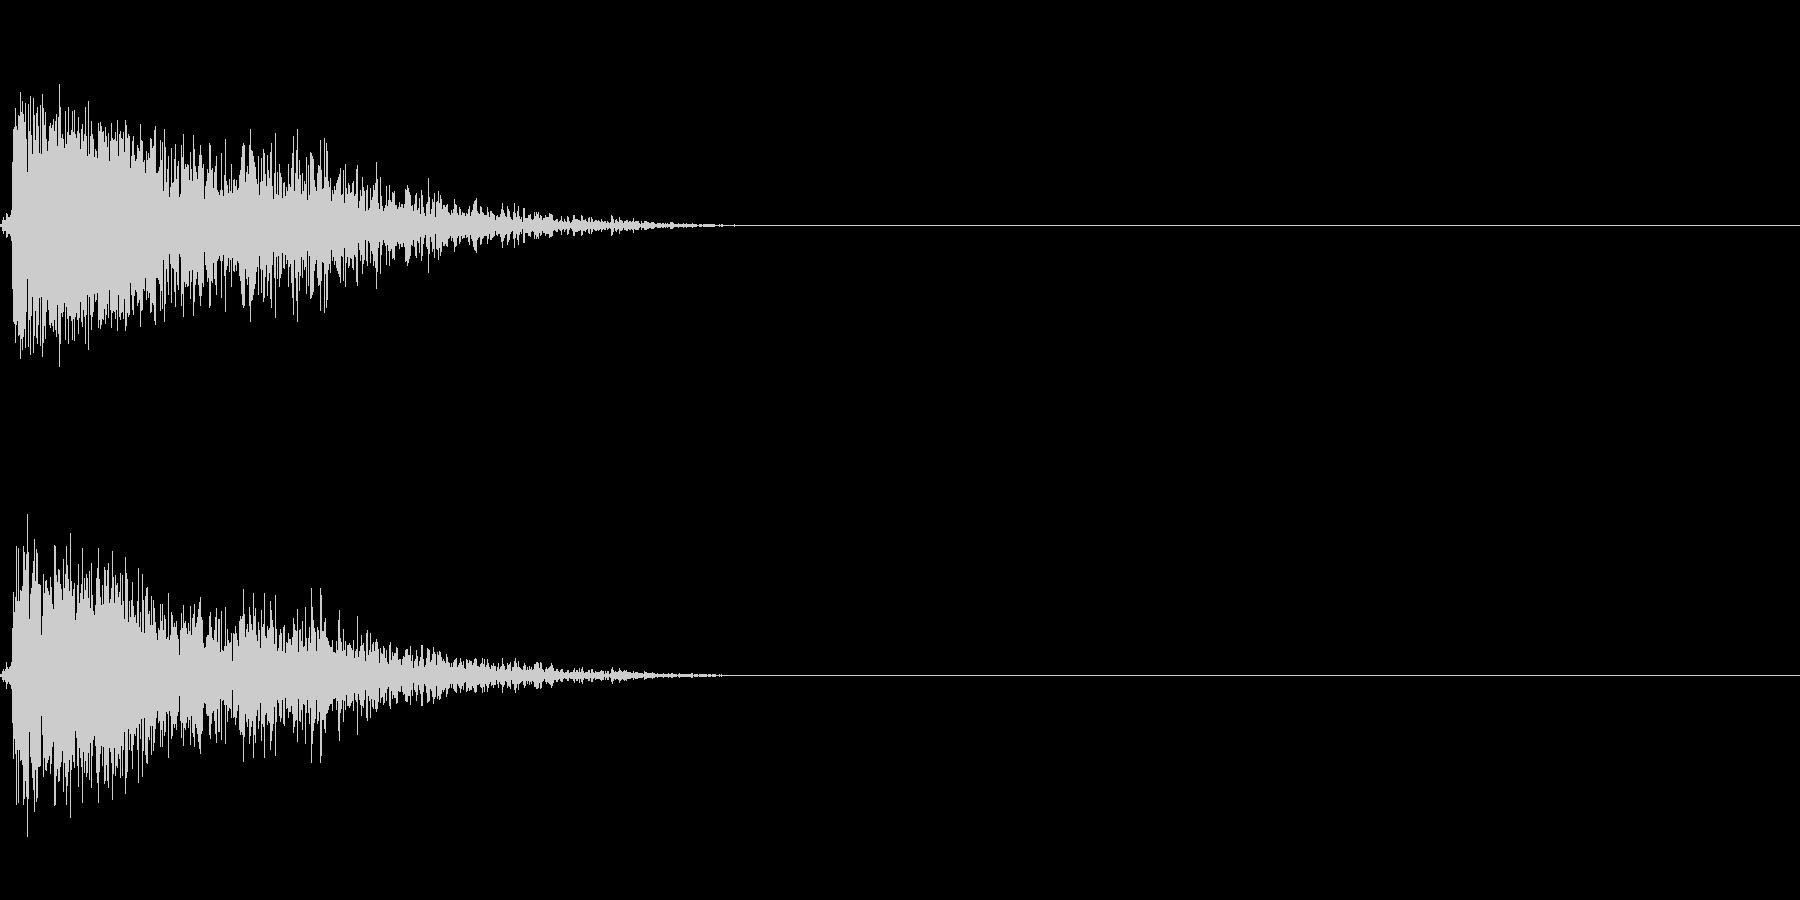 銃声 1の未再生の波形